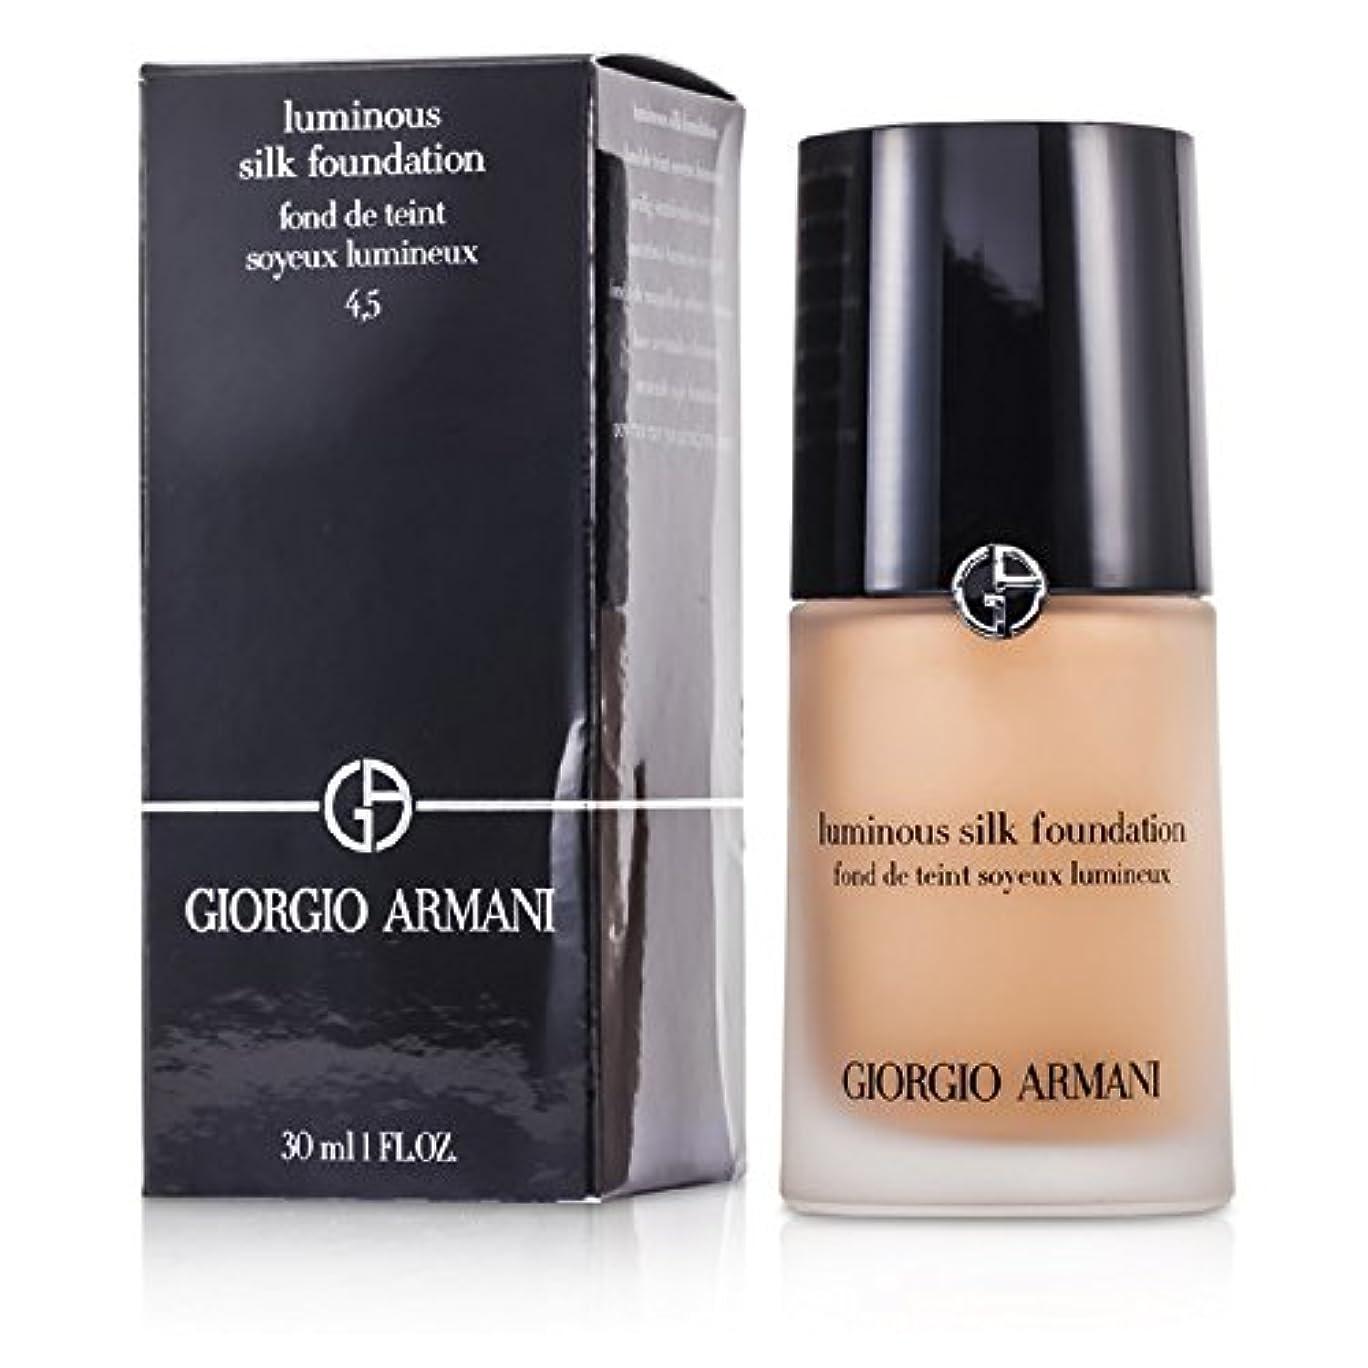 適応するファイナンスほとんどの場合ジョルジオアルマーニ ルミナスシルクファンデーション - # 4.5 (Sand) 30ml/1oz並行輸入品